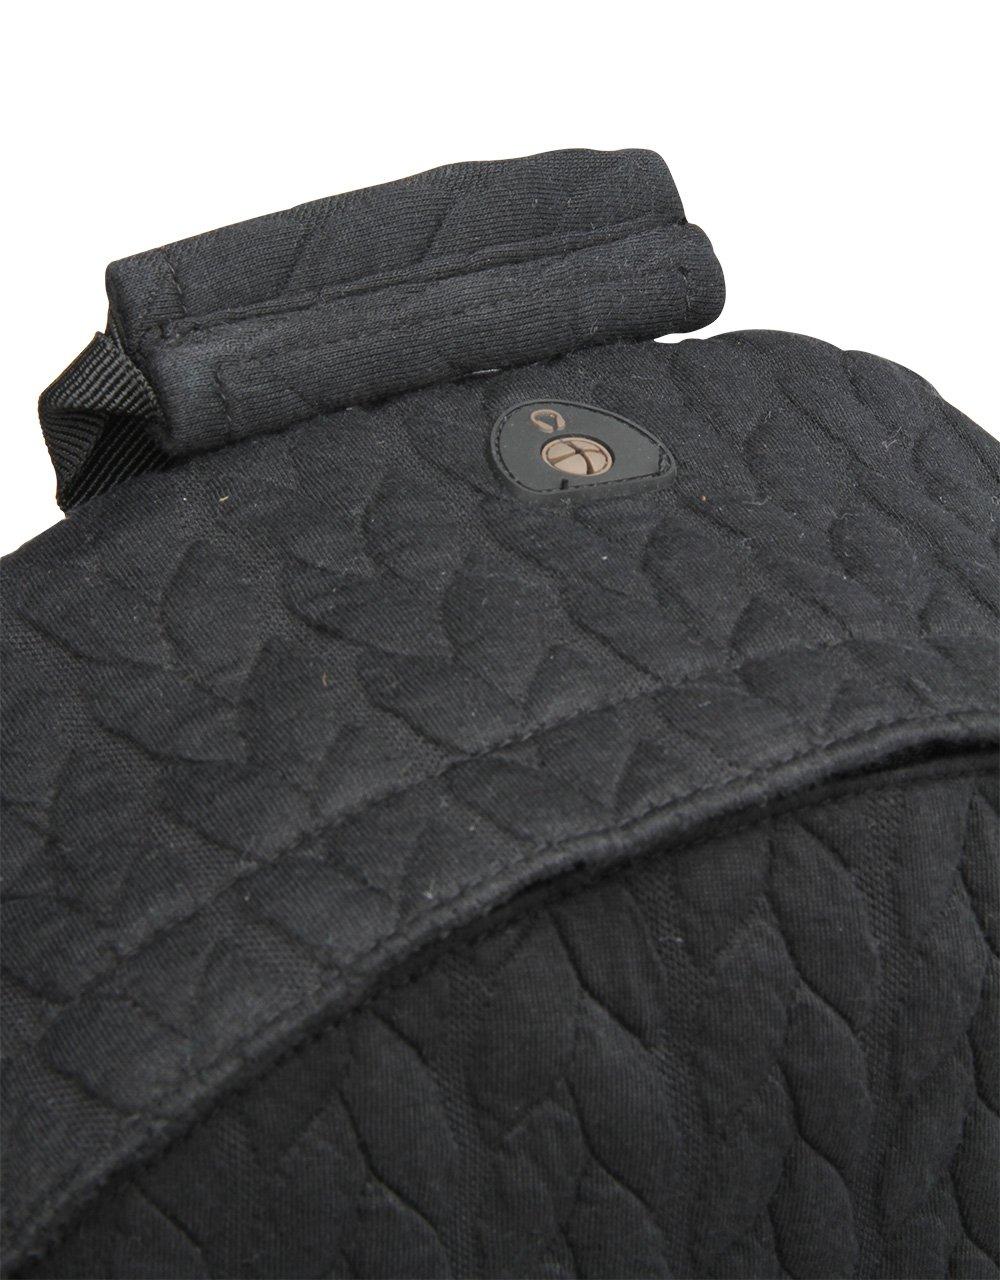 84cc03b371 41 cm Mi-Pac Premium Jersey Rope Sac à Dos Loisir Noir GTM092 Noir